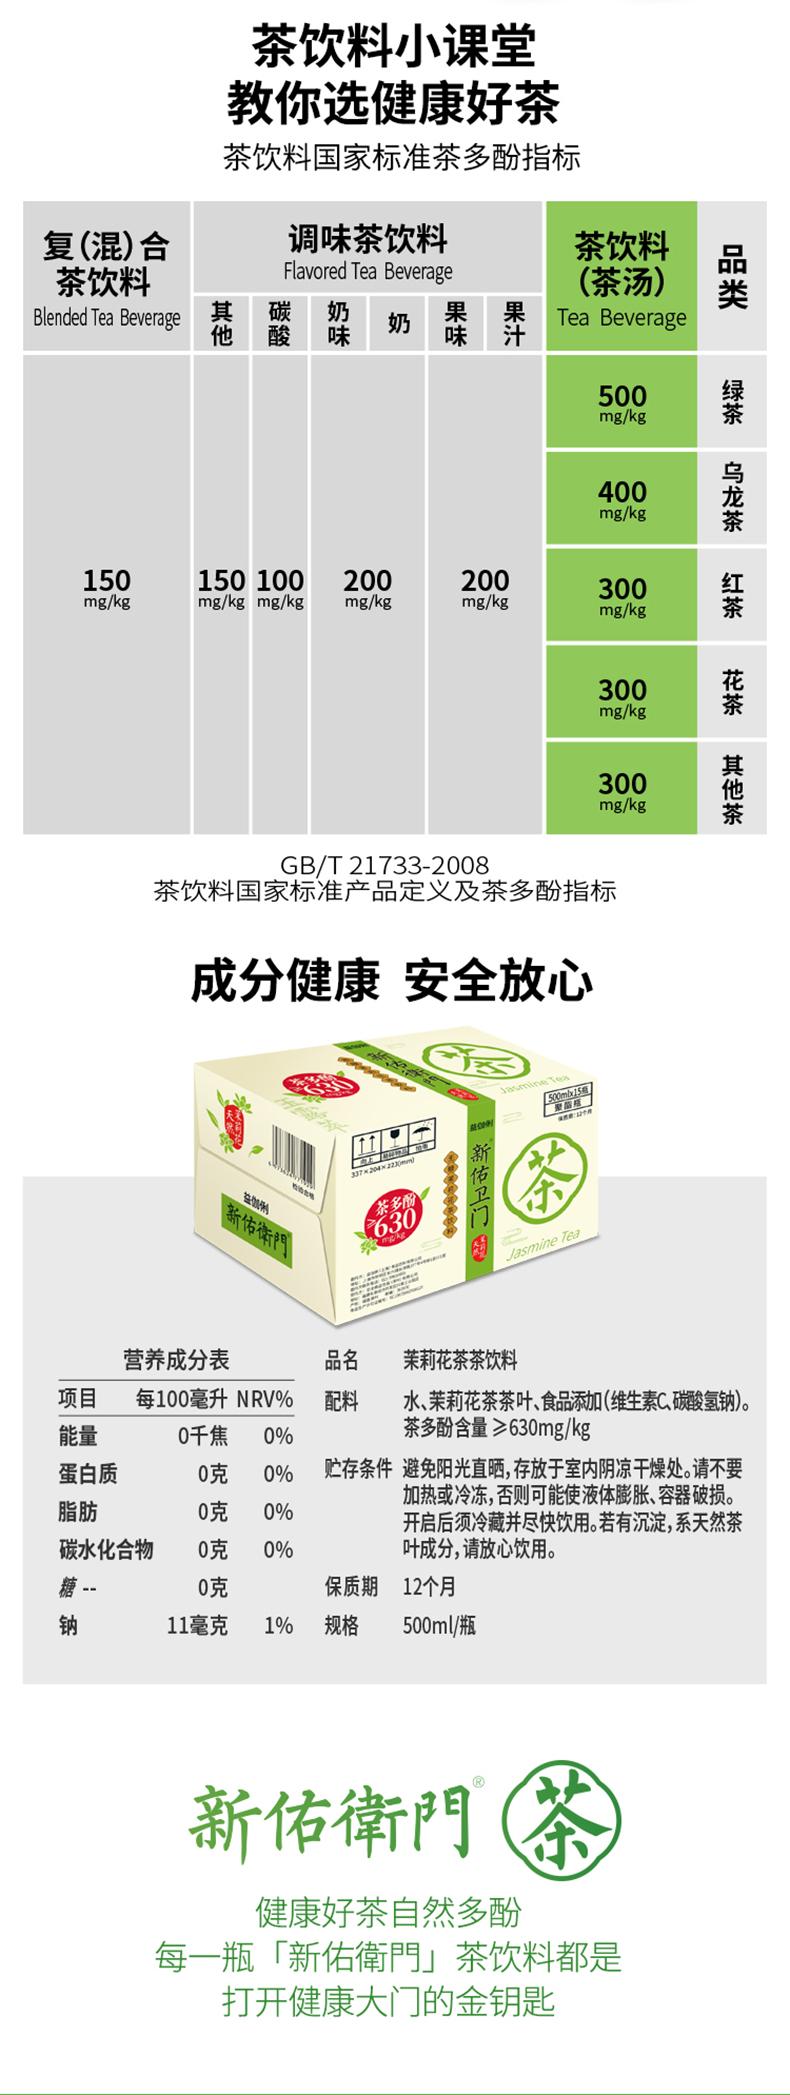 新佑卫门 0糖茉莉花茶 500ml*6瓶 茶多酚630mg/kg 图9